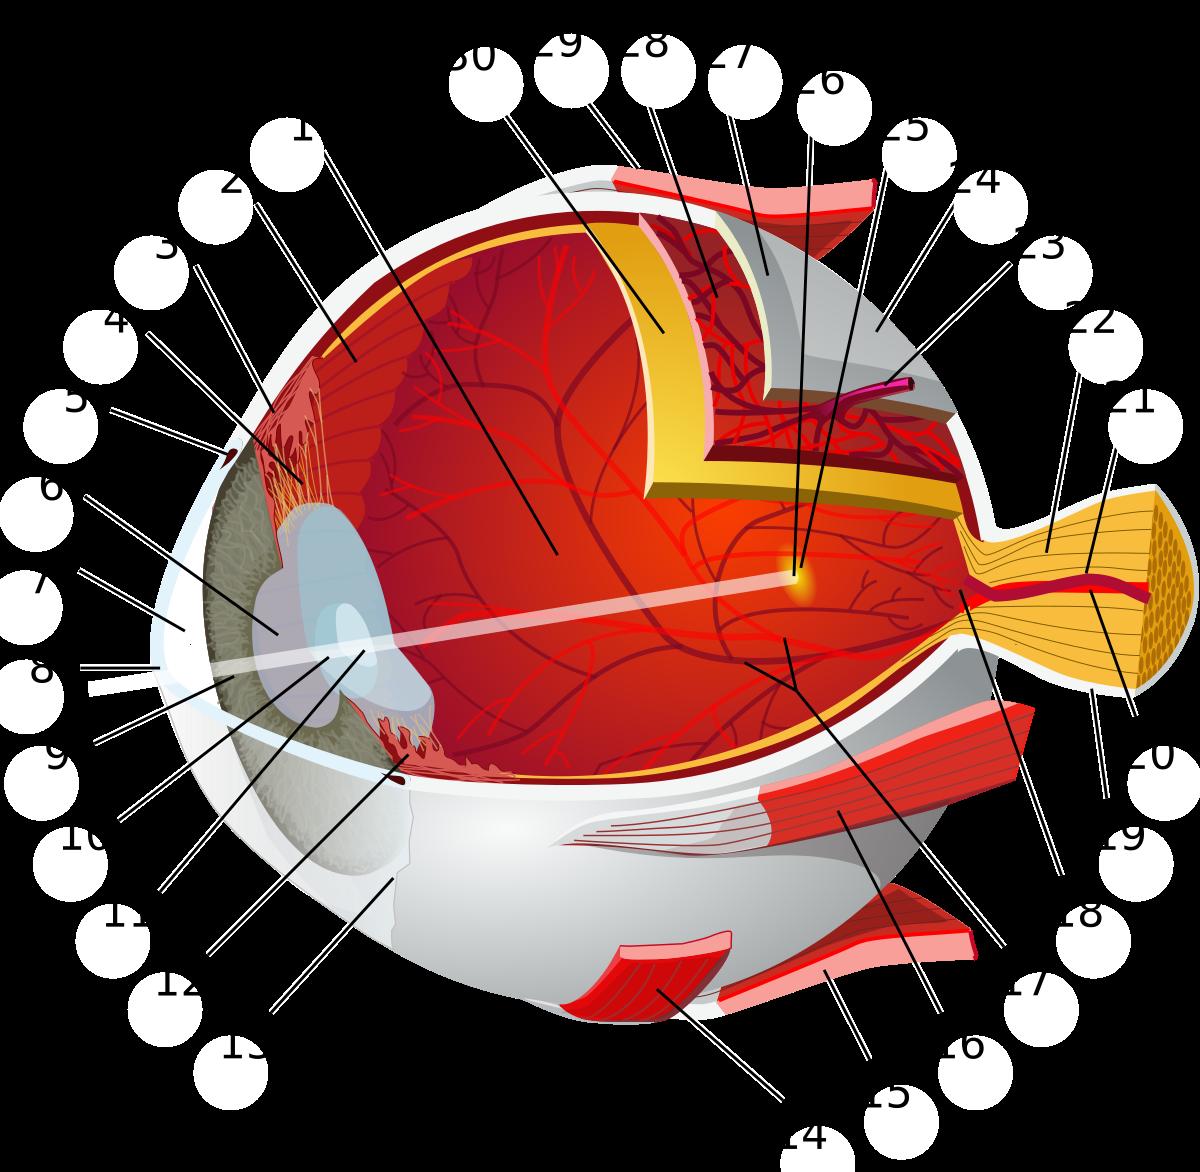 gyakorlat a látás rövidlátása érdekében arcüreggyulladás látása